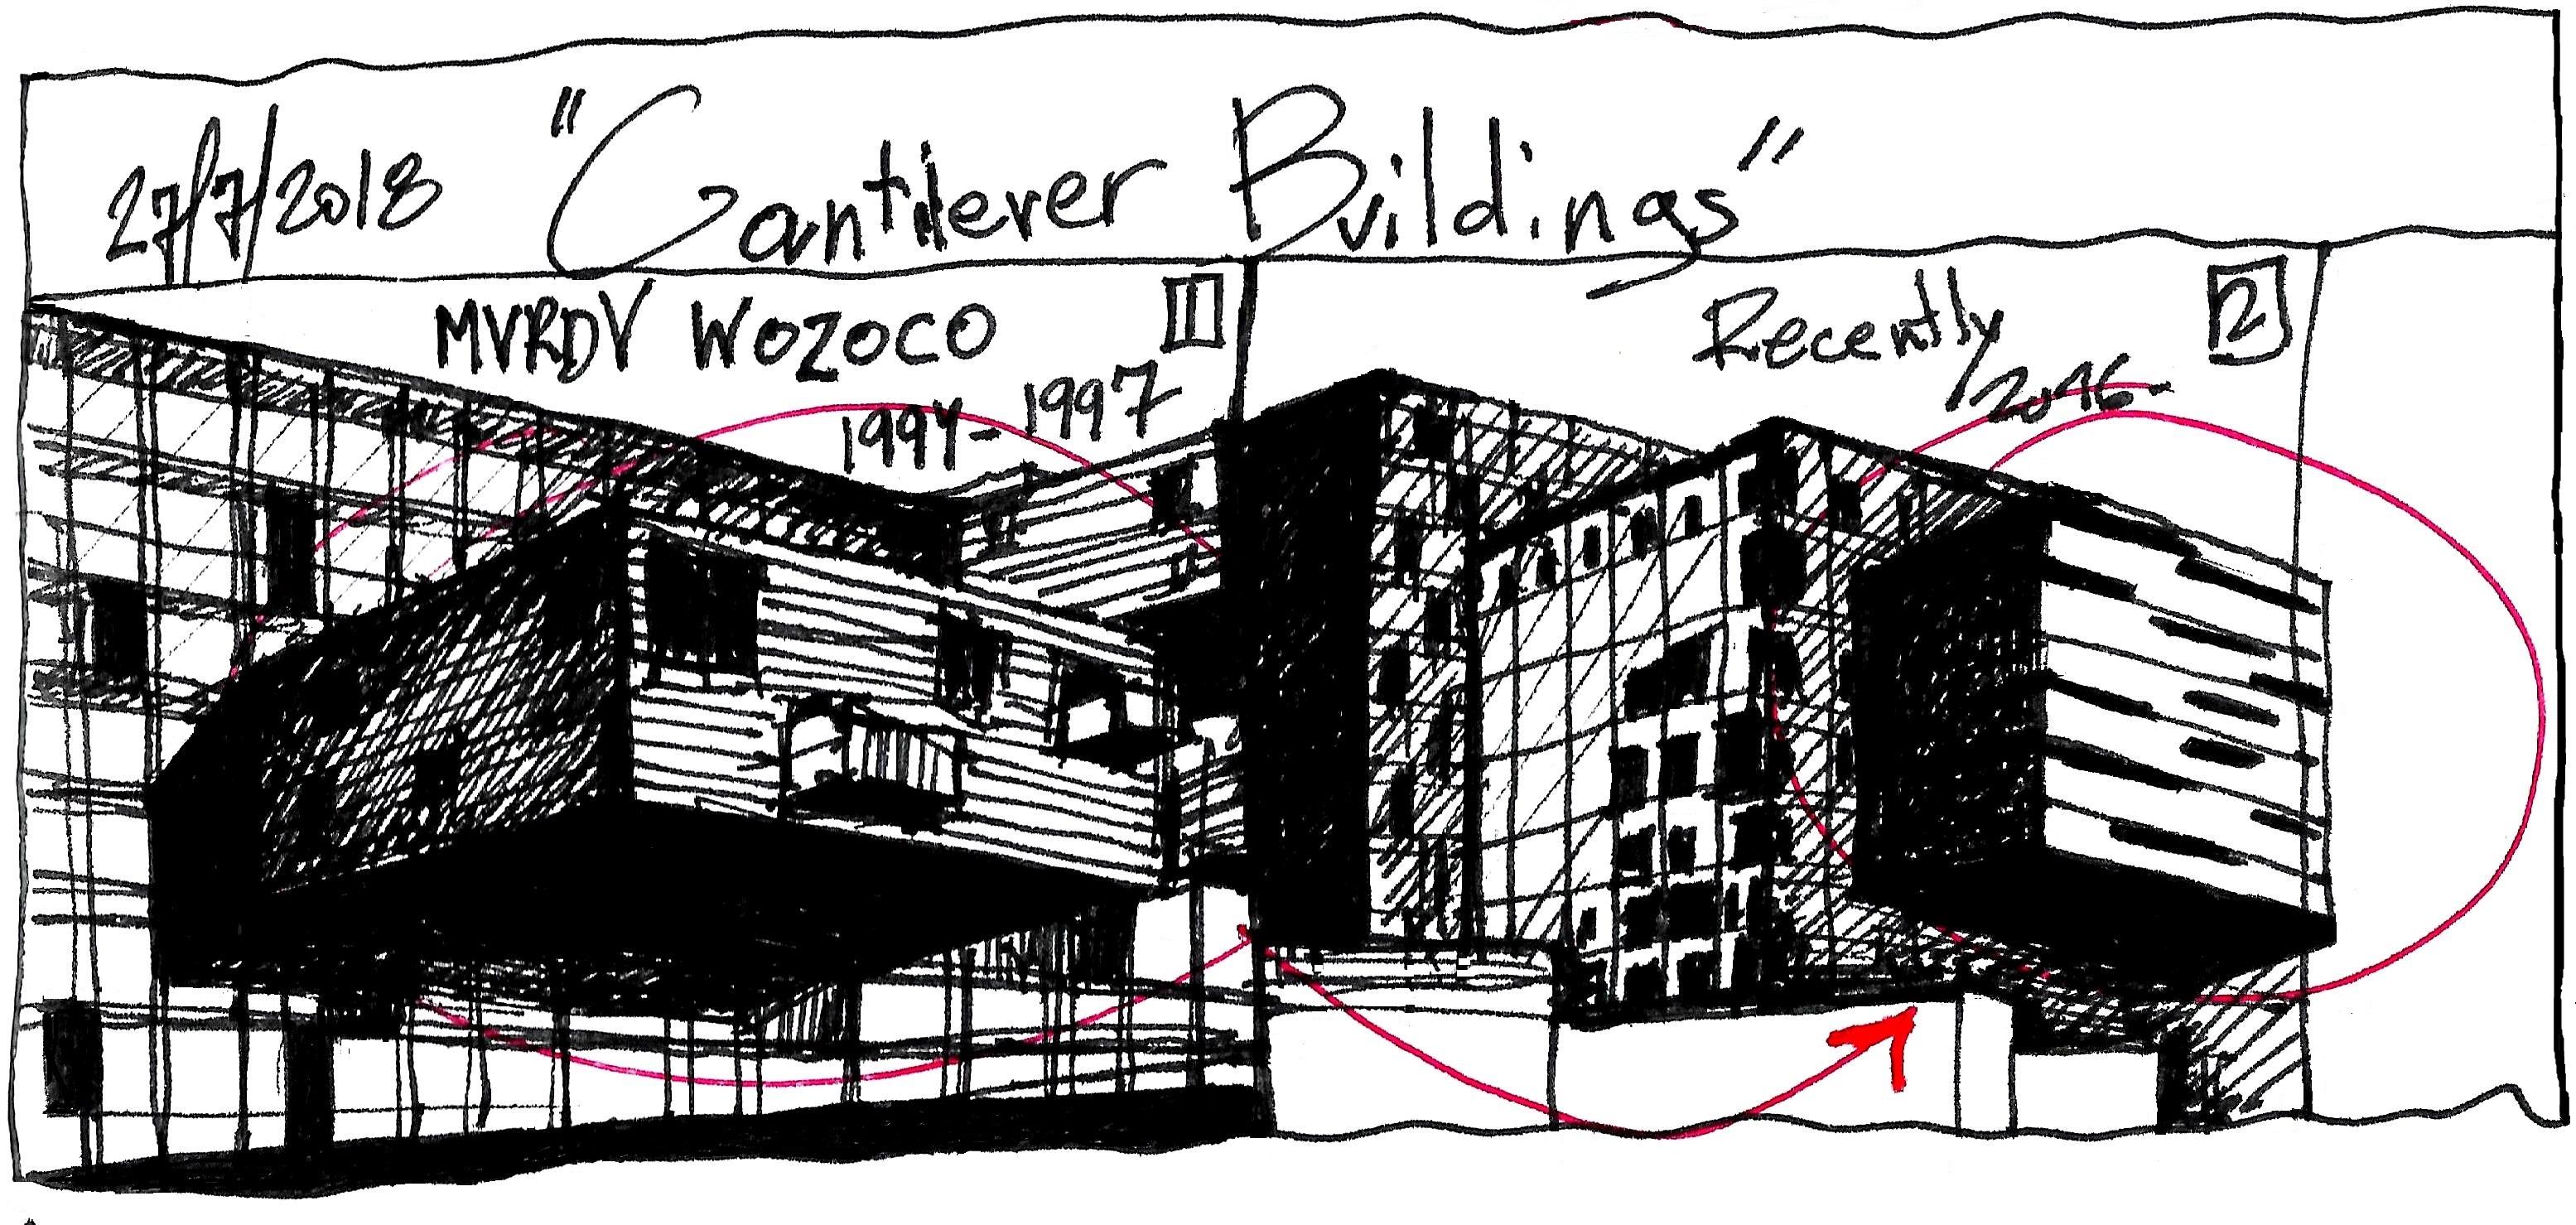 Eliinbar Sketches Cantilever Buildings